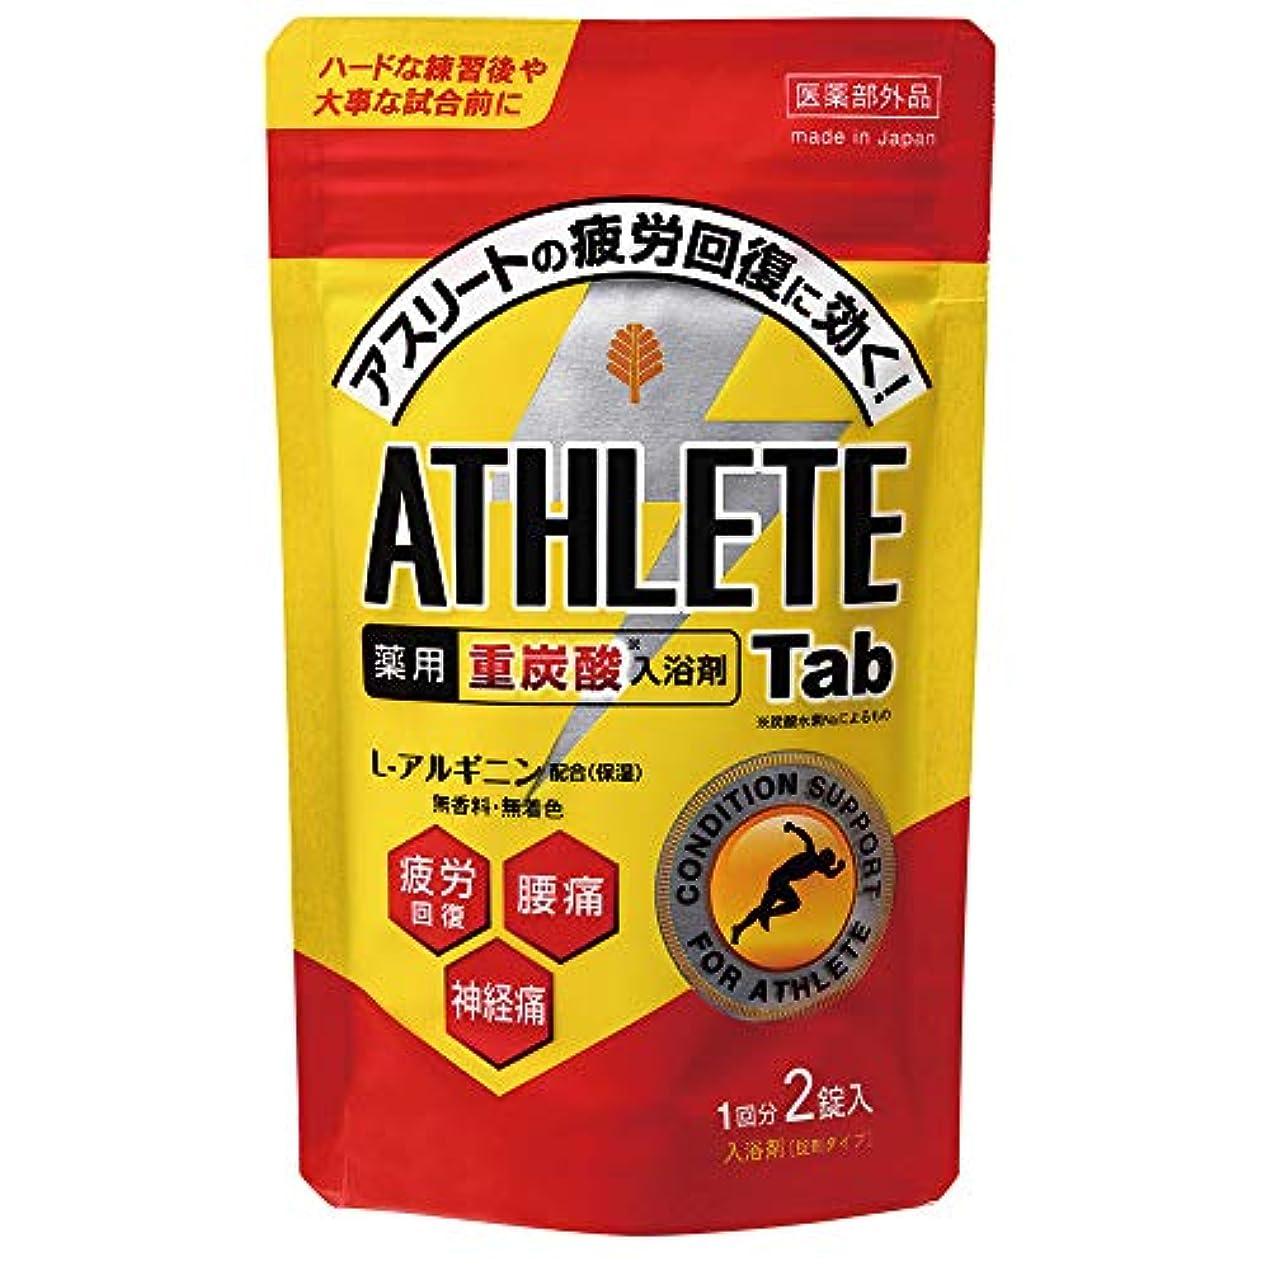 酸化物手配するピル日本製 made in japan 薬用 ATHLETE Tab2錠x1パック BT-8572 【まとめ買い12個セット】